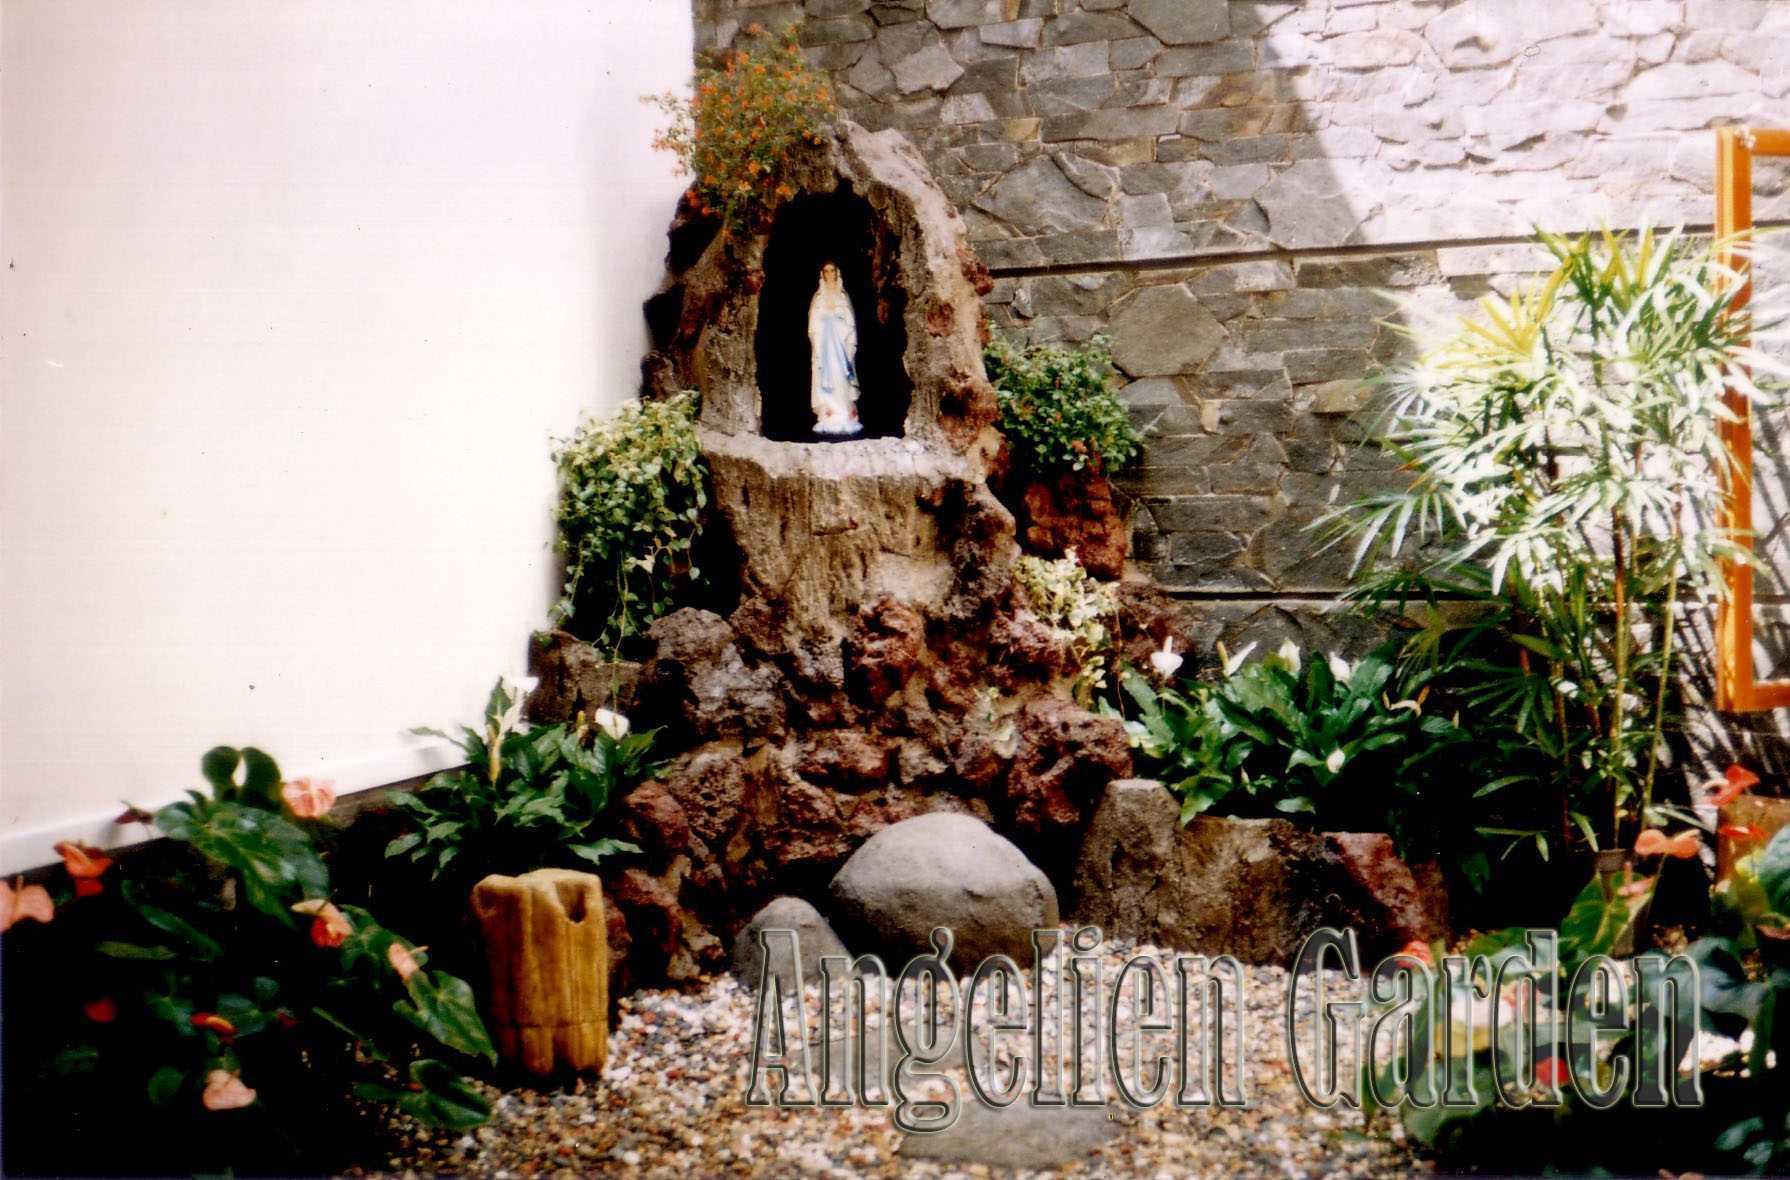 Reindy Dry Garden With Cave At Dago Bandung Bandung Sdt-Elok3   28466